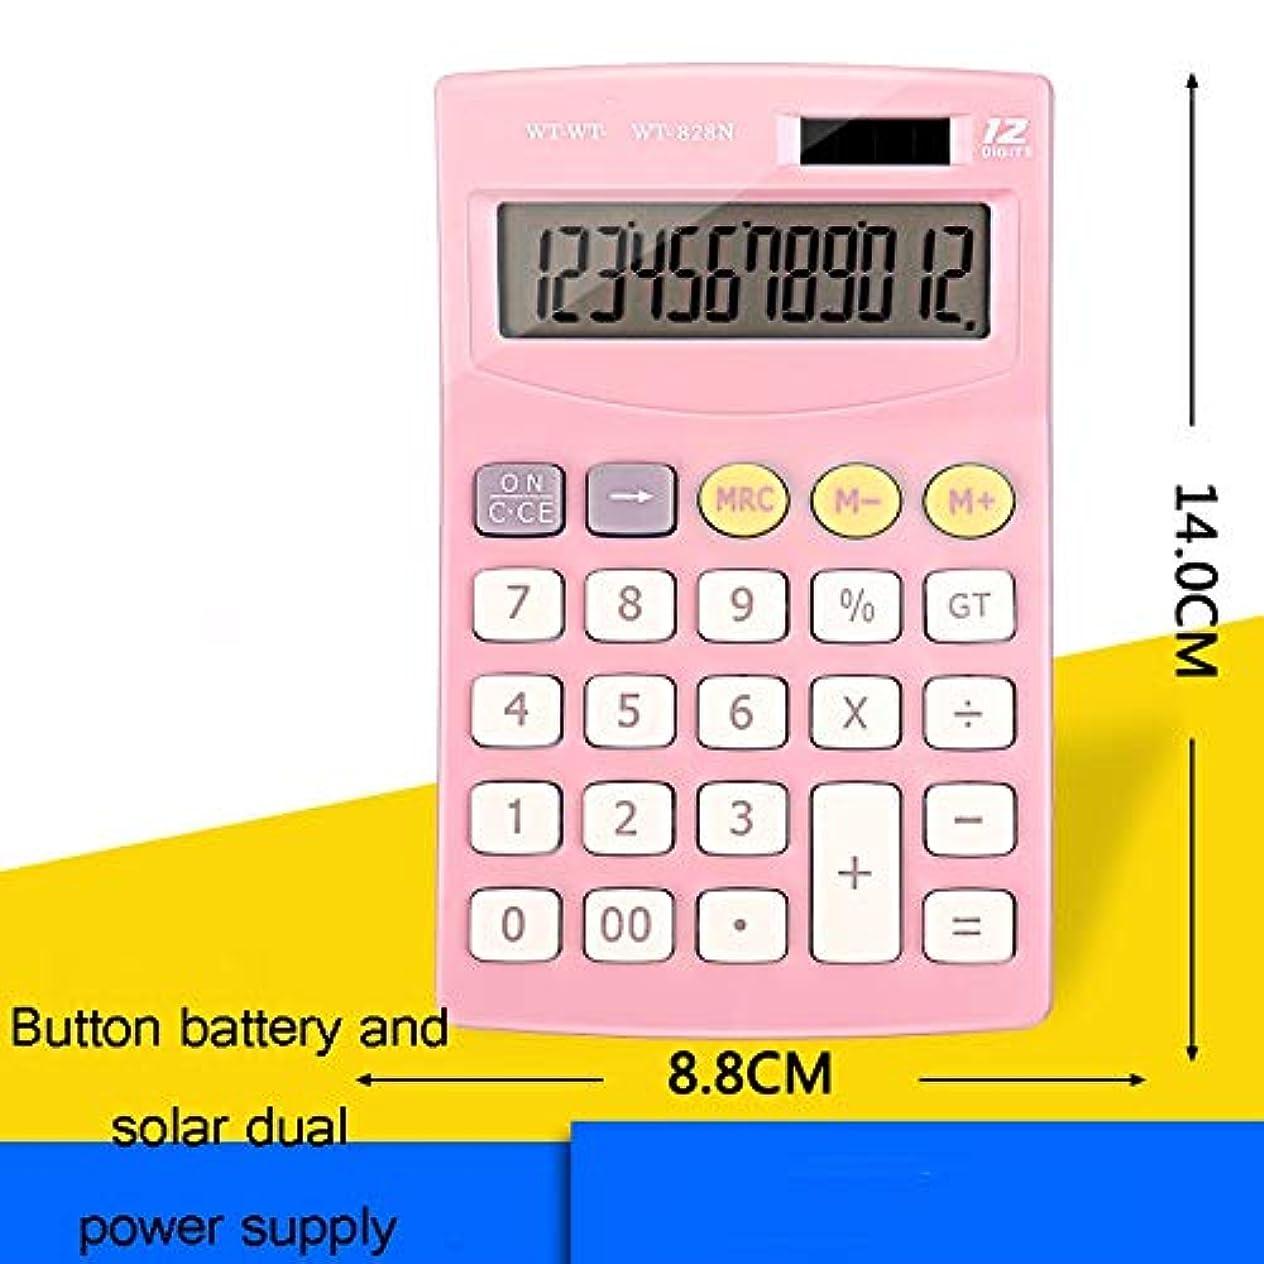 チーズパッド偏見デスクトップ計算機 大型LCDモニター 太陽電池デュアルパワーオフィス計算機 電子計算機 電子計算機 太陽電池デュアルパワーオフィス計算機 大型LCDモニター デスクトップ計算機 Z-66 (A)